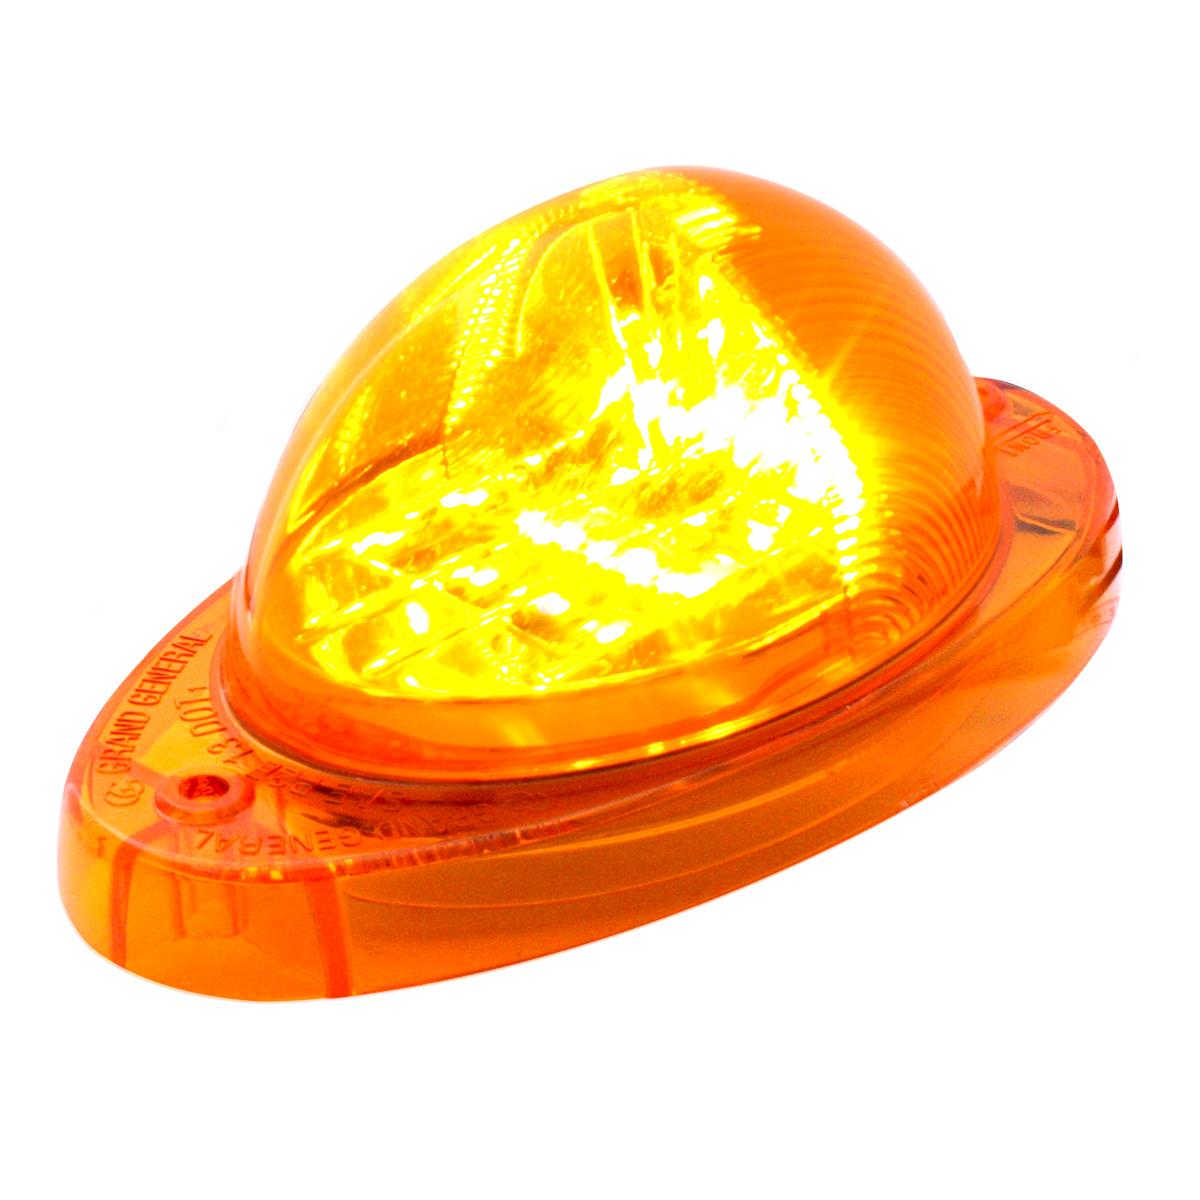 76374 Freightliner Cascadia Side Marker/Turn LED Light